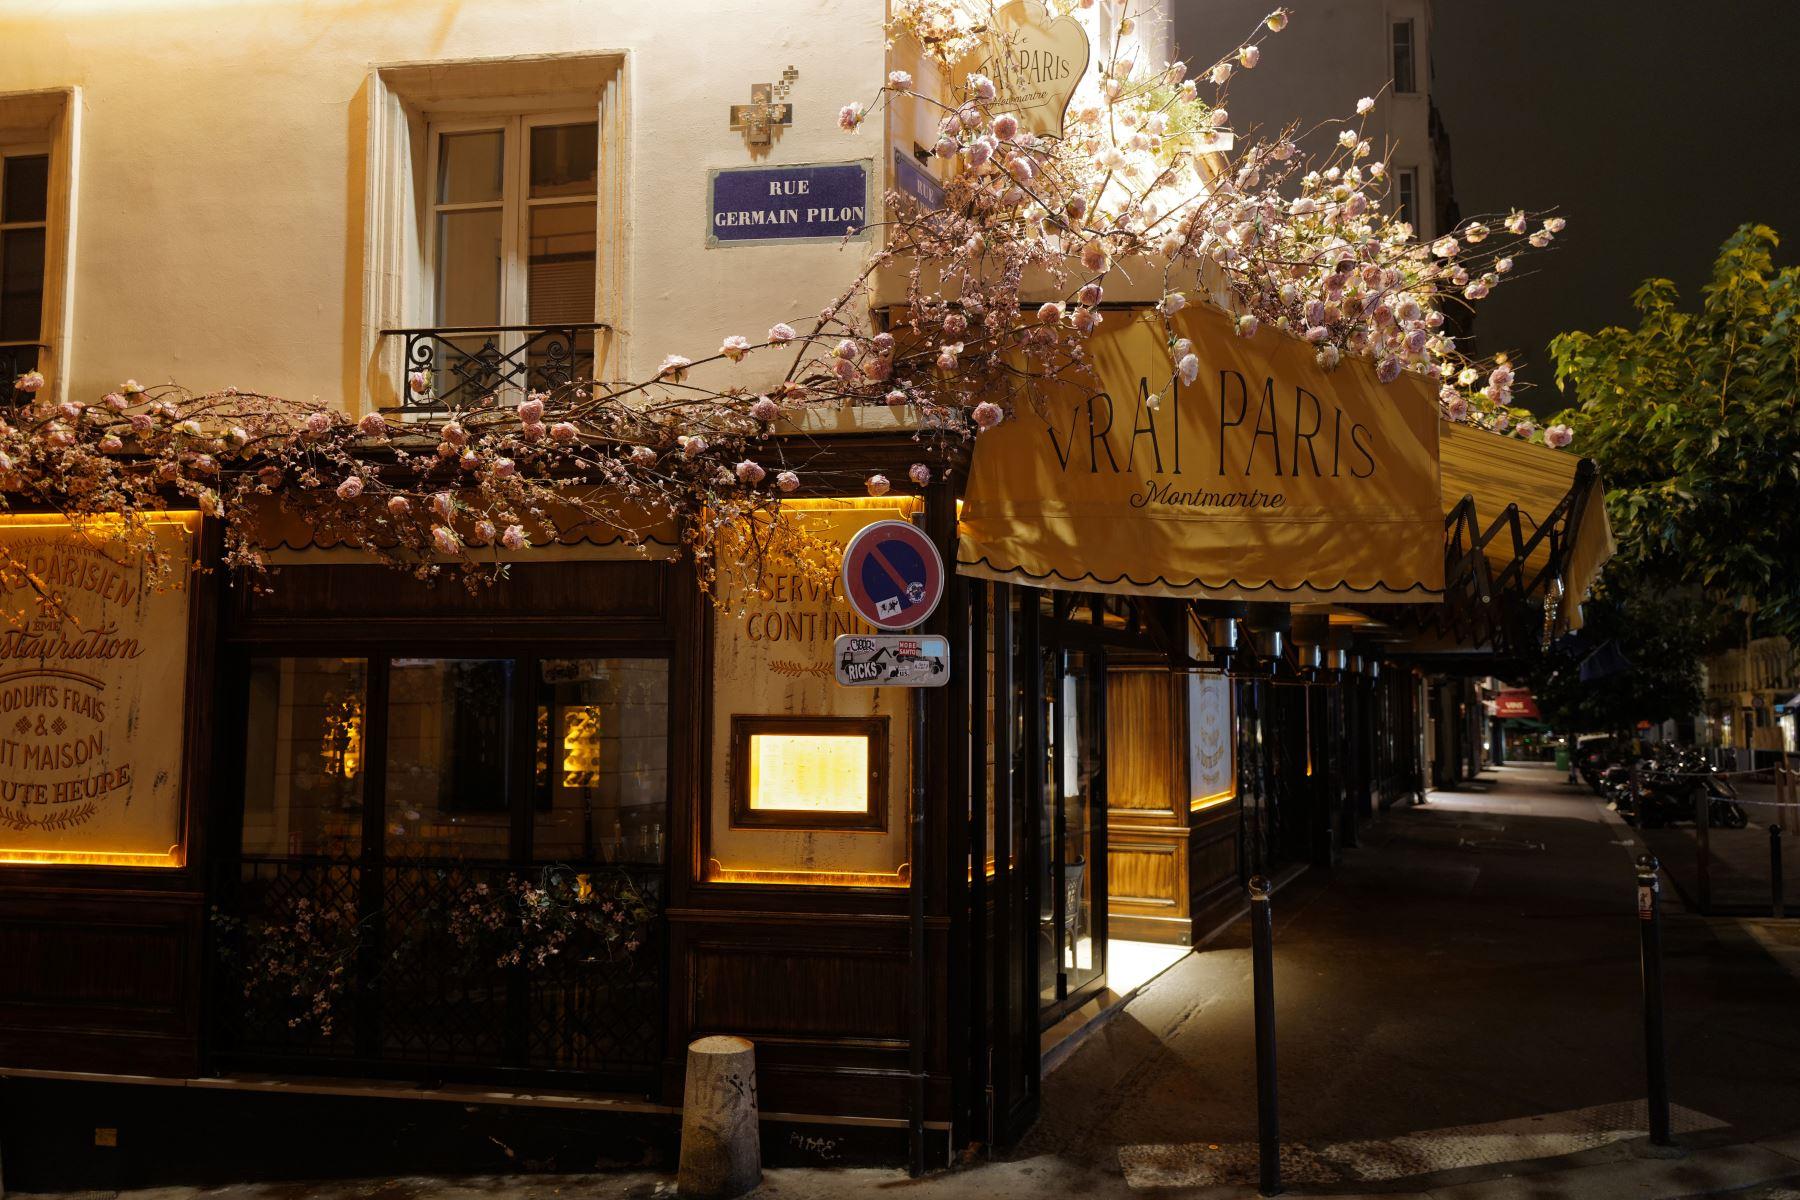 Una foto tomada durante la noche muestra un restaurante cerrado en Montmartre en el distrito 18 de París, durante un toque de queda nocturno del virus como medida contra la propagación de la pandemia Covid-19 causada por el nuevo coronavirus.   Foto: AFP